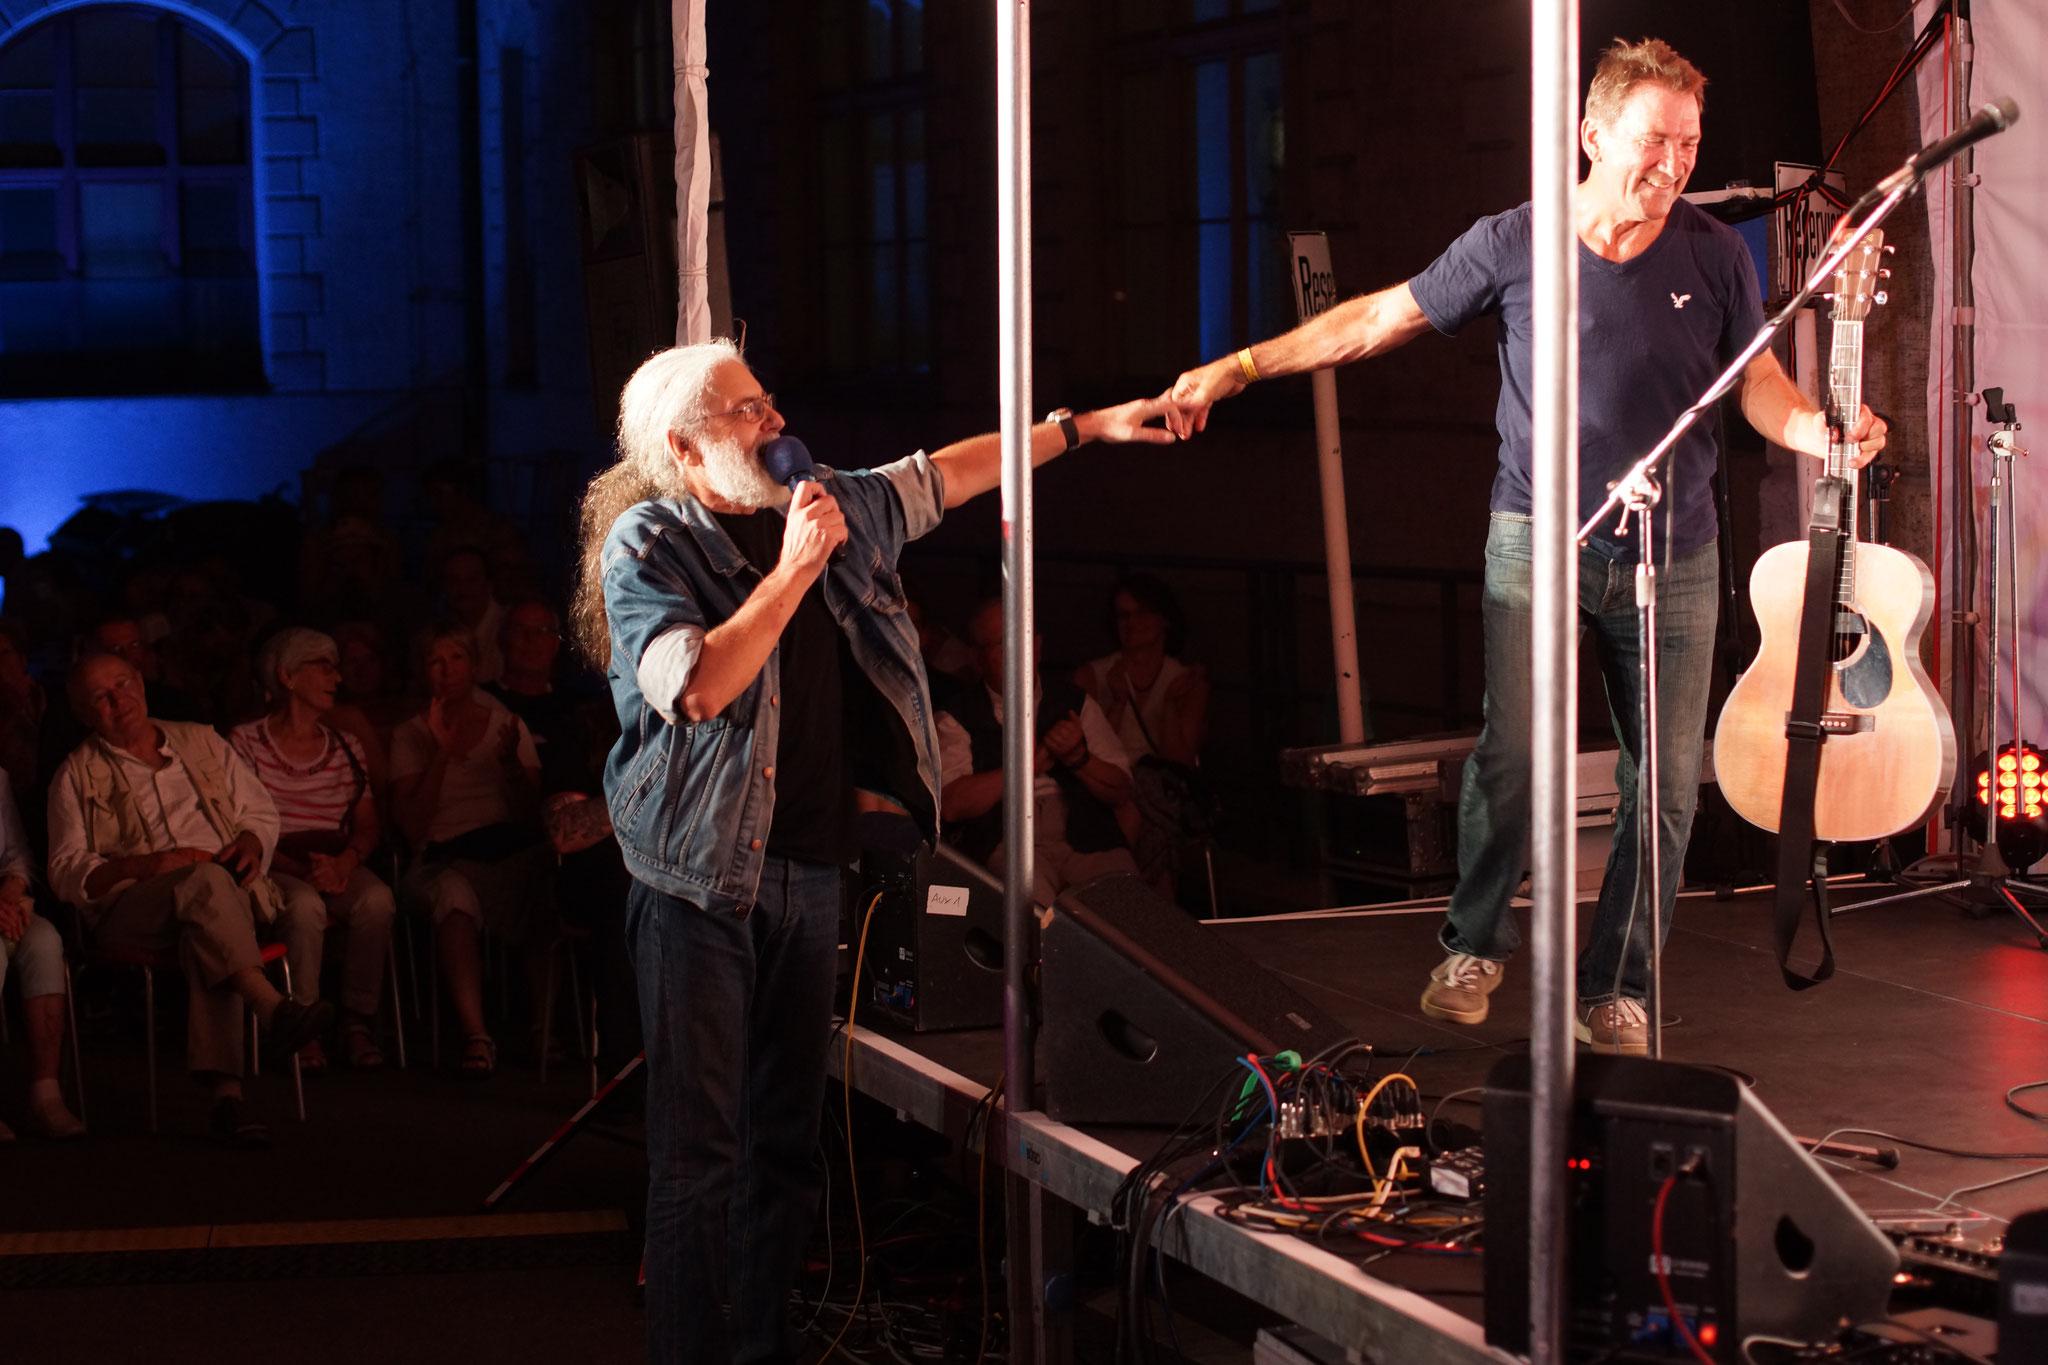 Konzerte im Bürgerhof 06.07.17 Wolfgang F. Lightmaster / Byron - Freiwilligen-Zentrum Augsburg - Foto: Crayfish